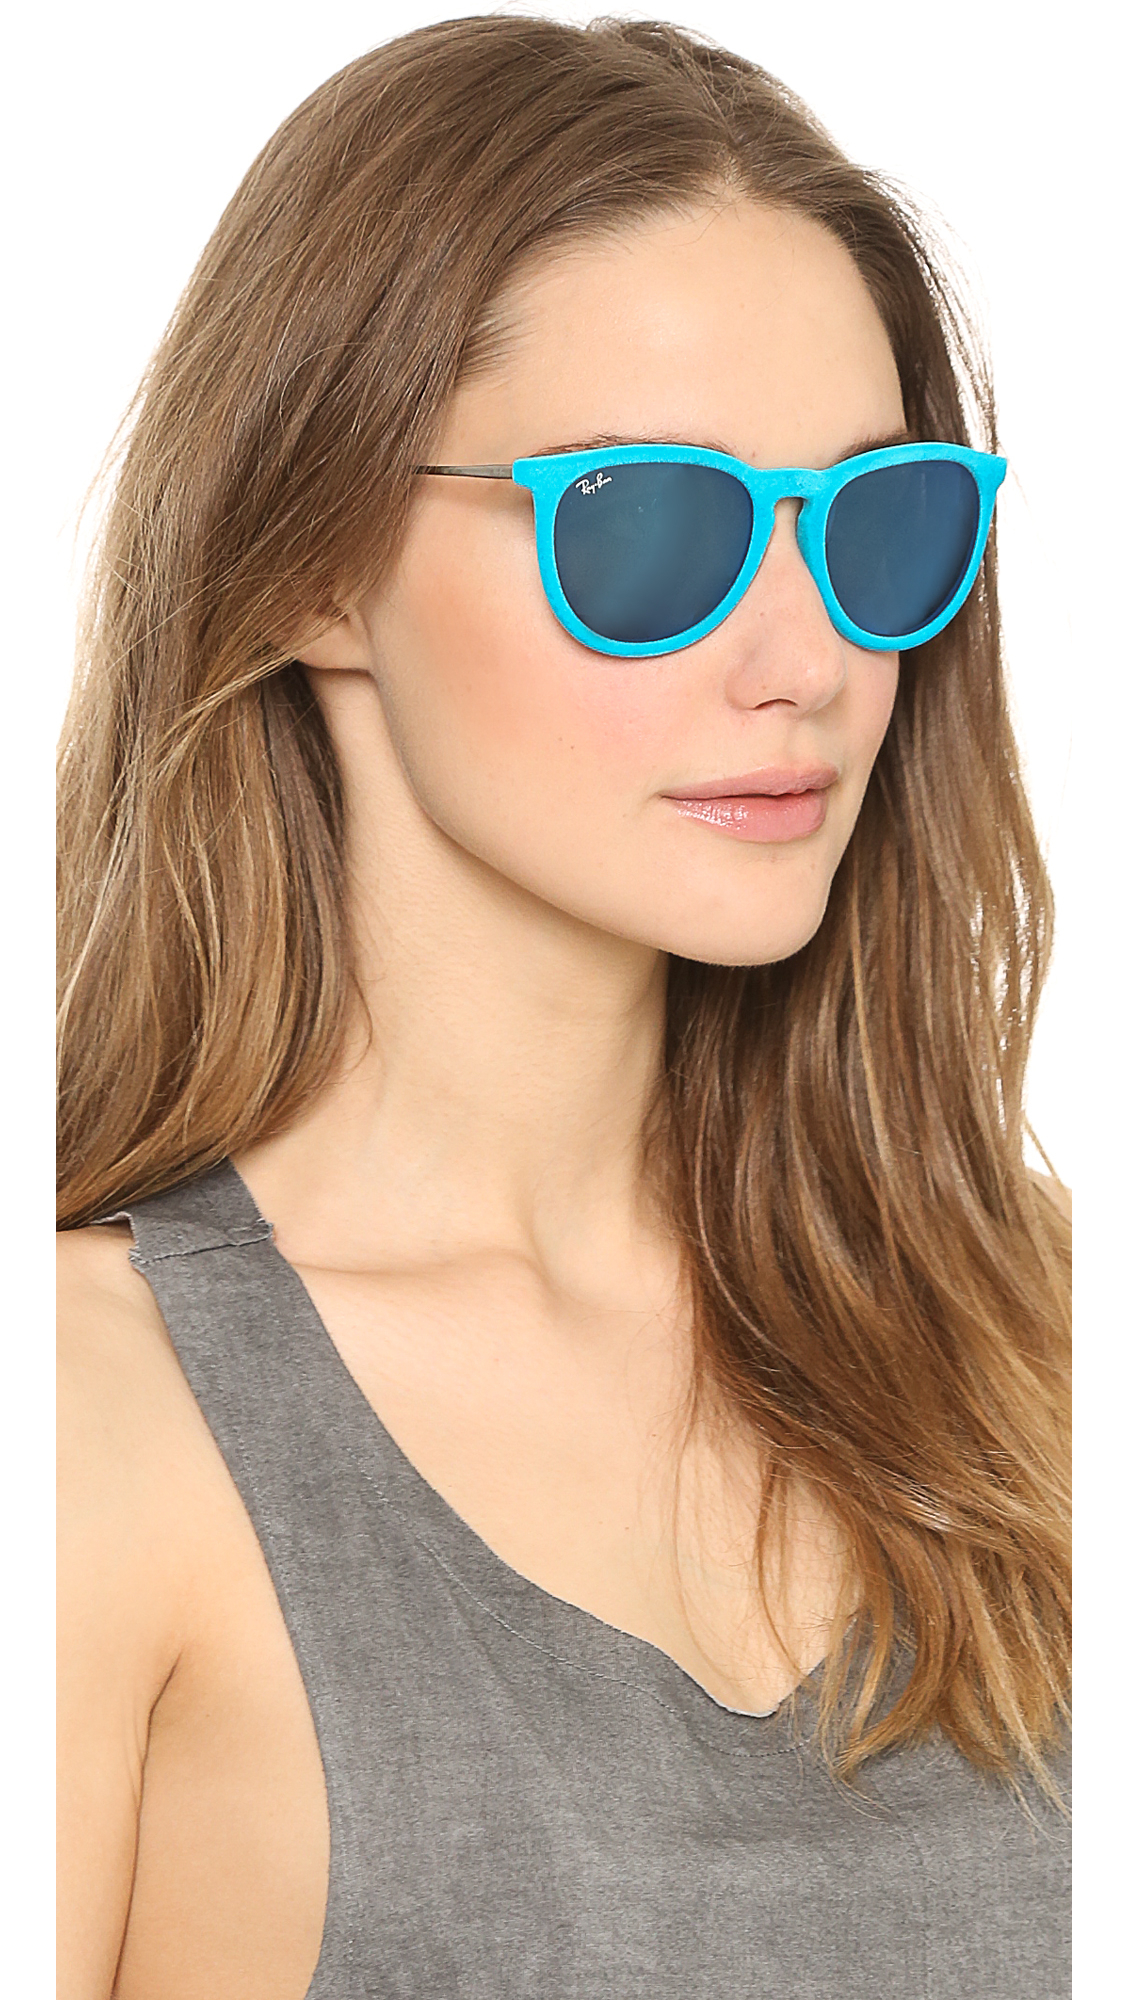 b544dcec90 Lyst - Ray-Ban Erika Velvet Sunglasses - Violet in Blue